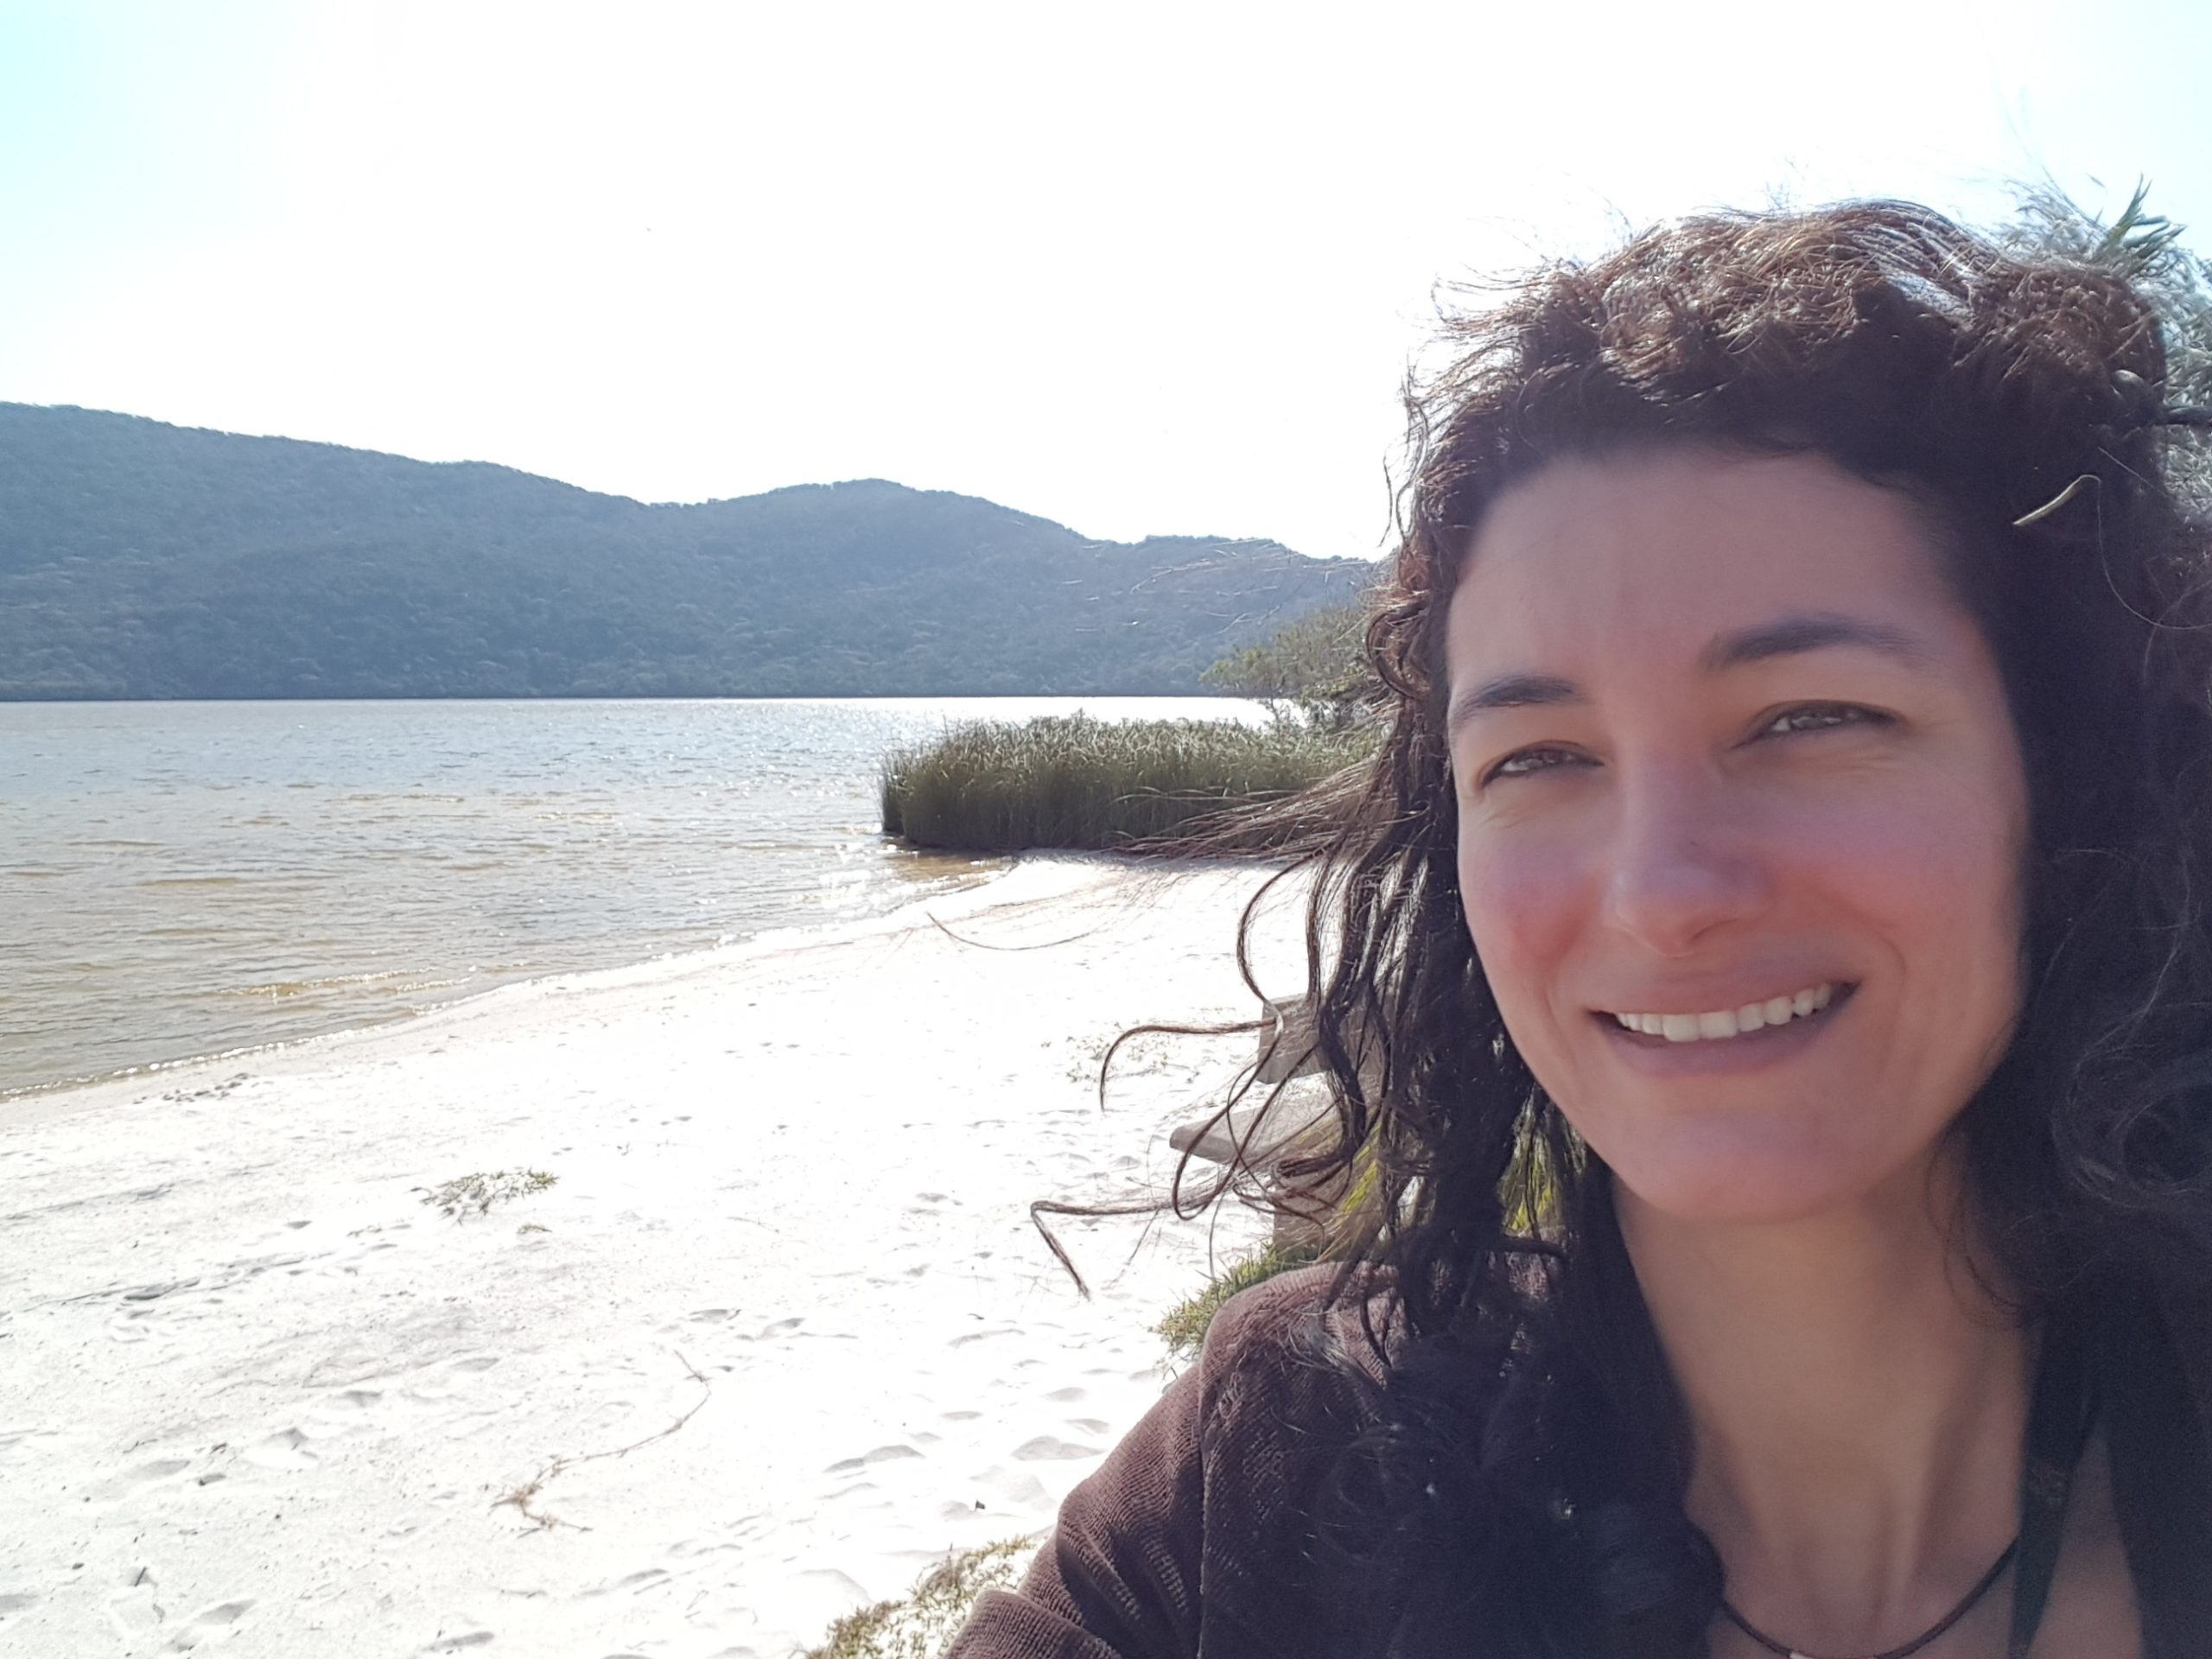 Cristina Ramos Callegari